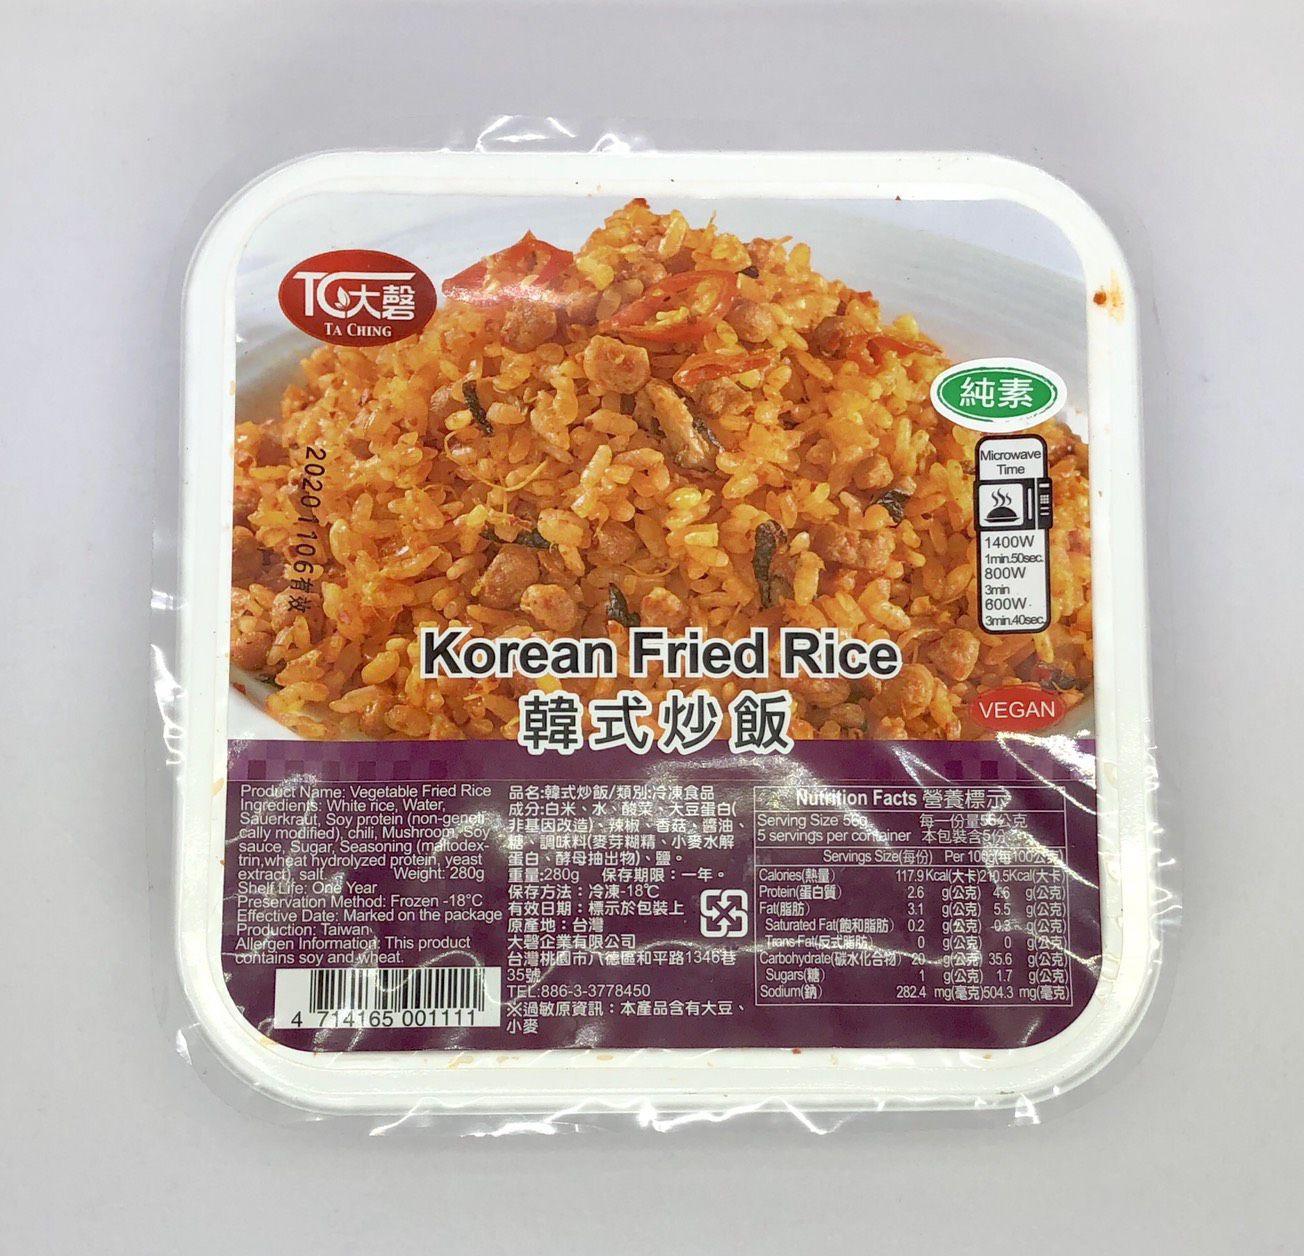 (大磬福鼎)韓式炒飯280g(全素)